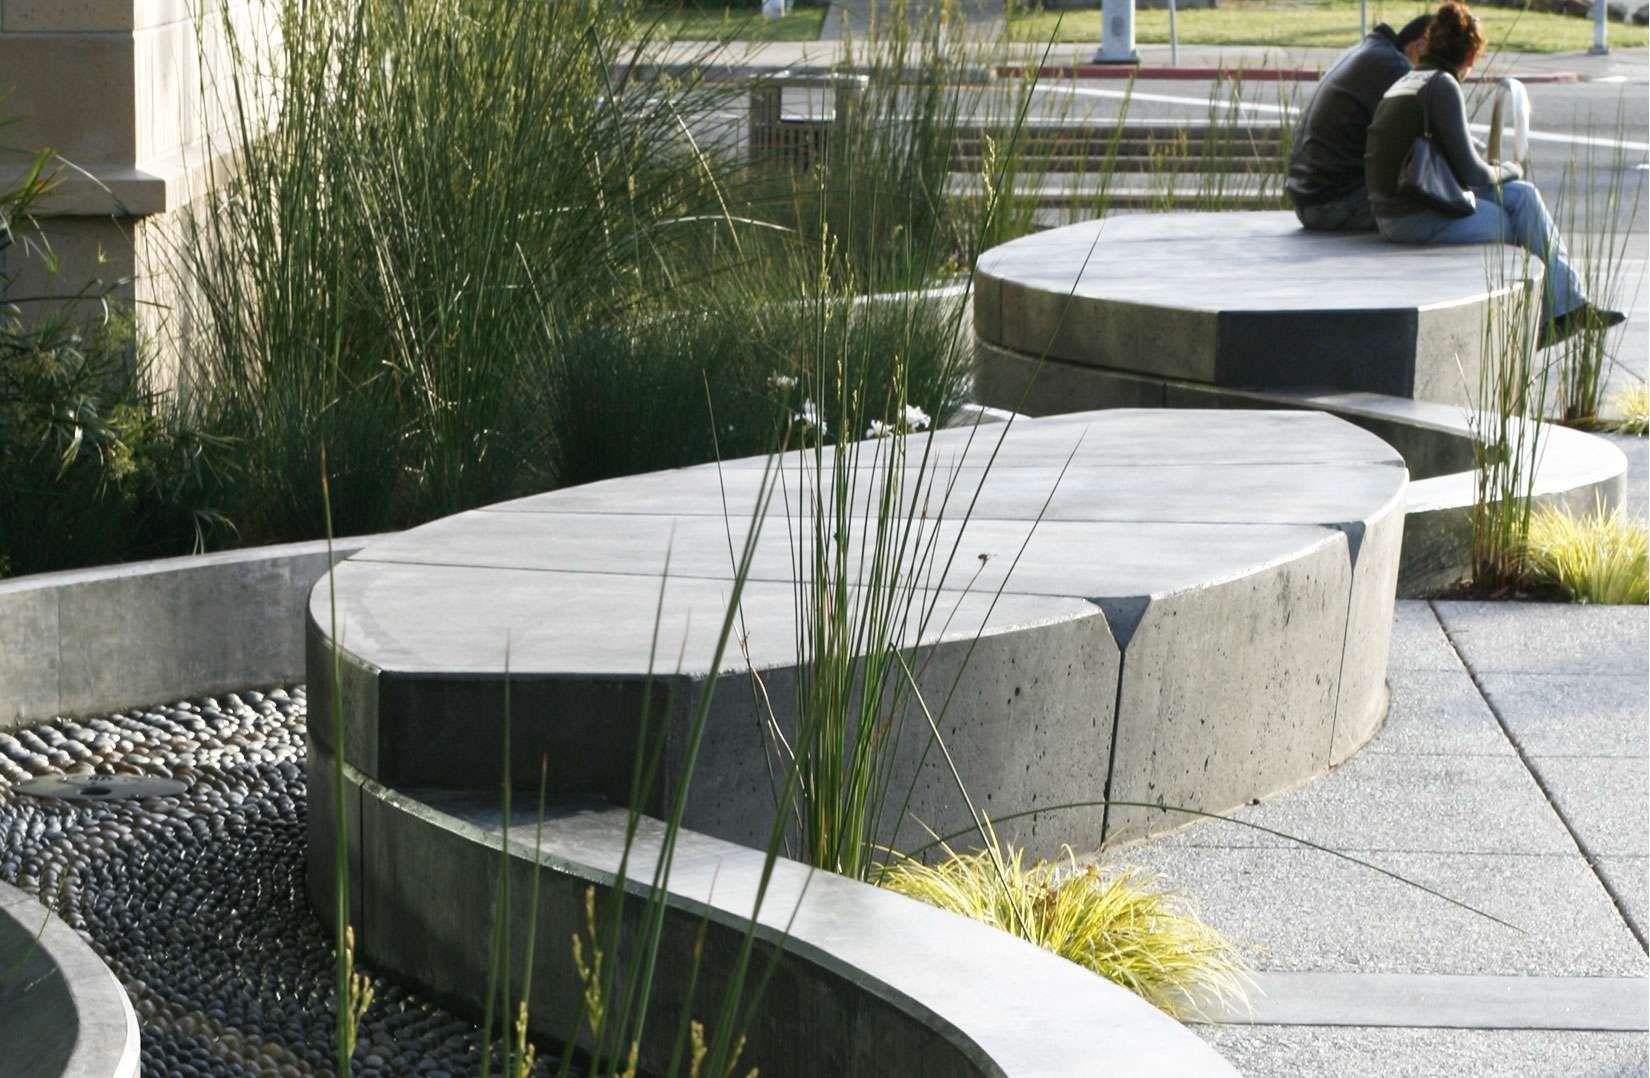 El cerrito city hall landscape architecture magazine